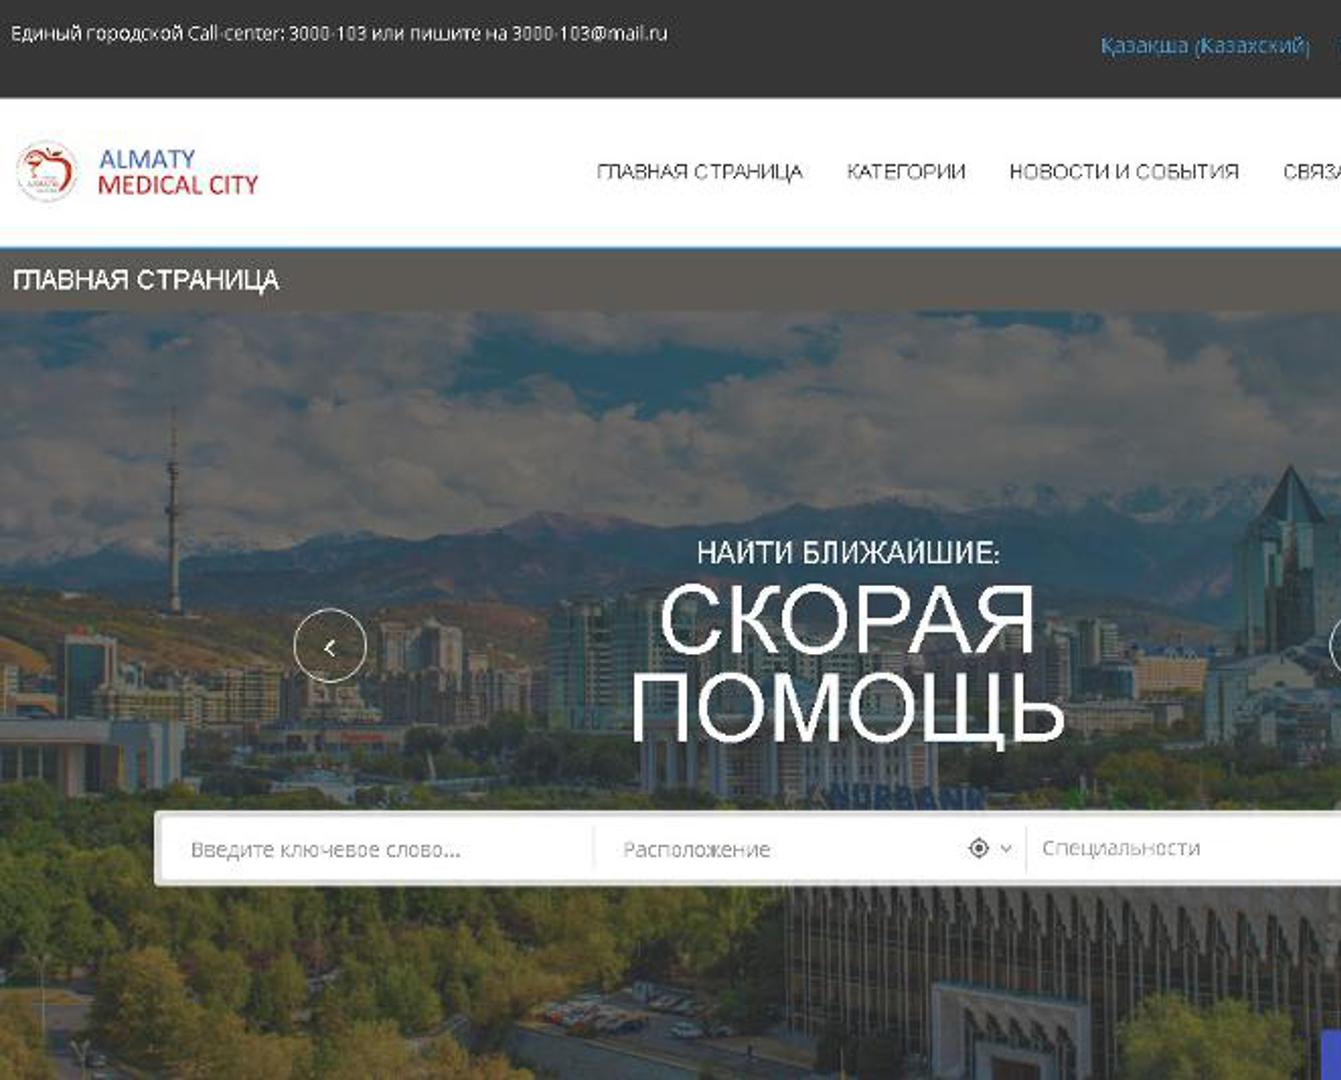 Сайт для жалоб на медучреждения презентовали в Алматы